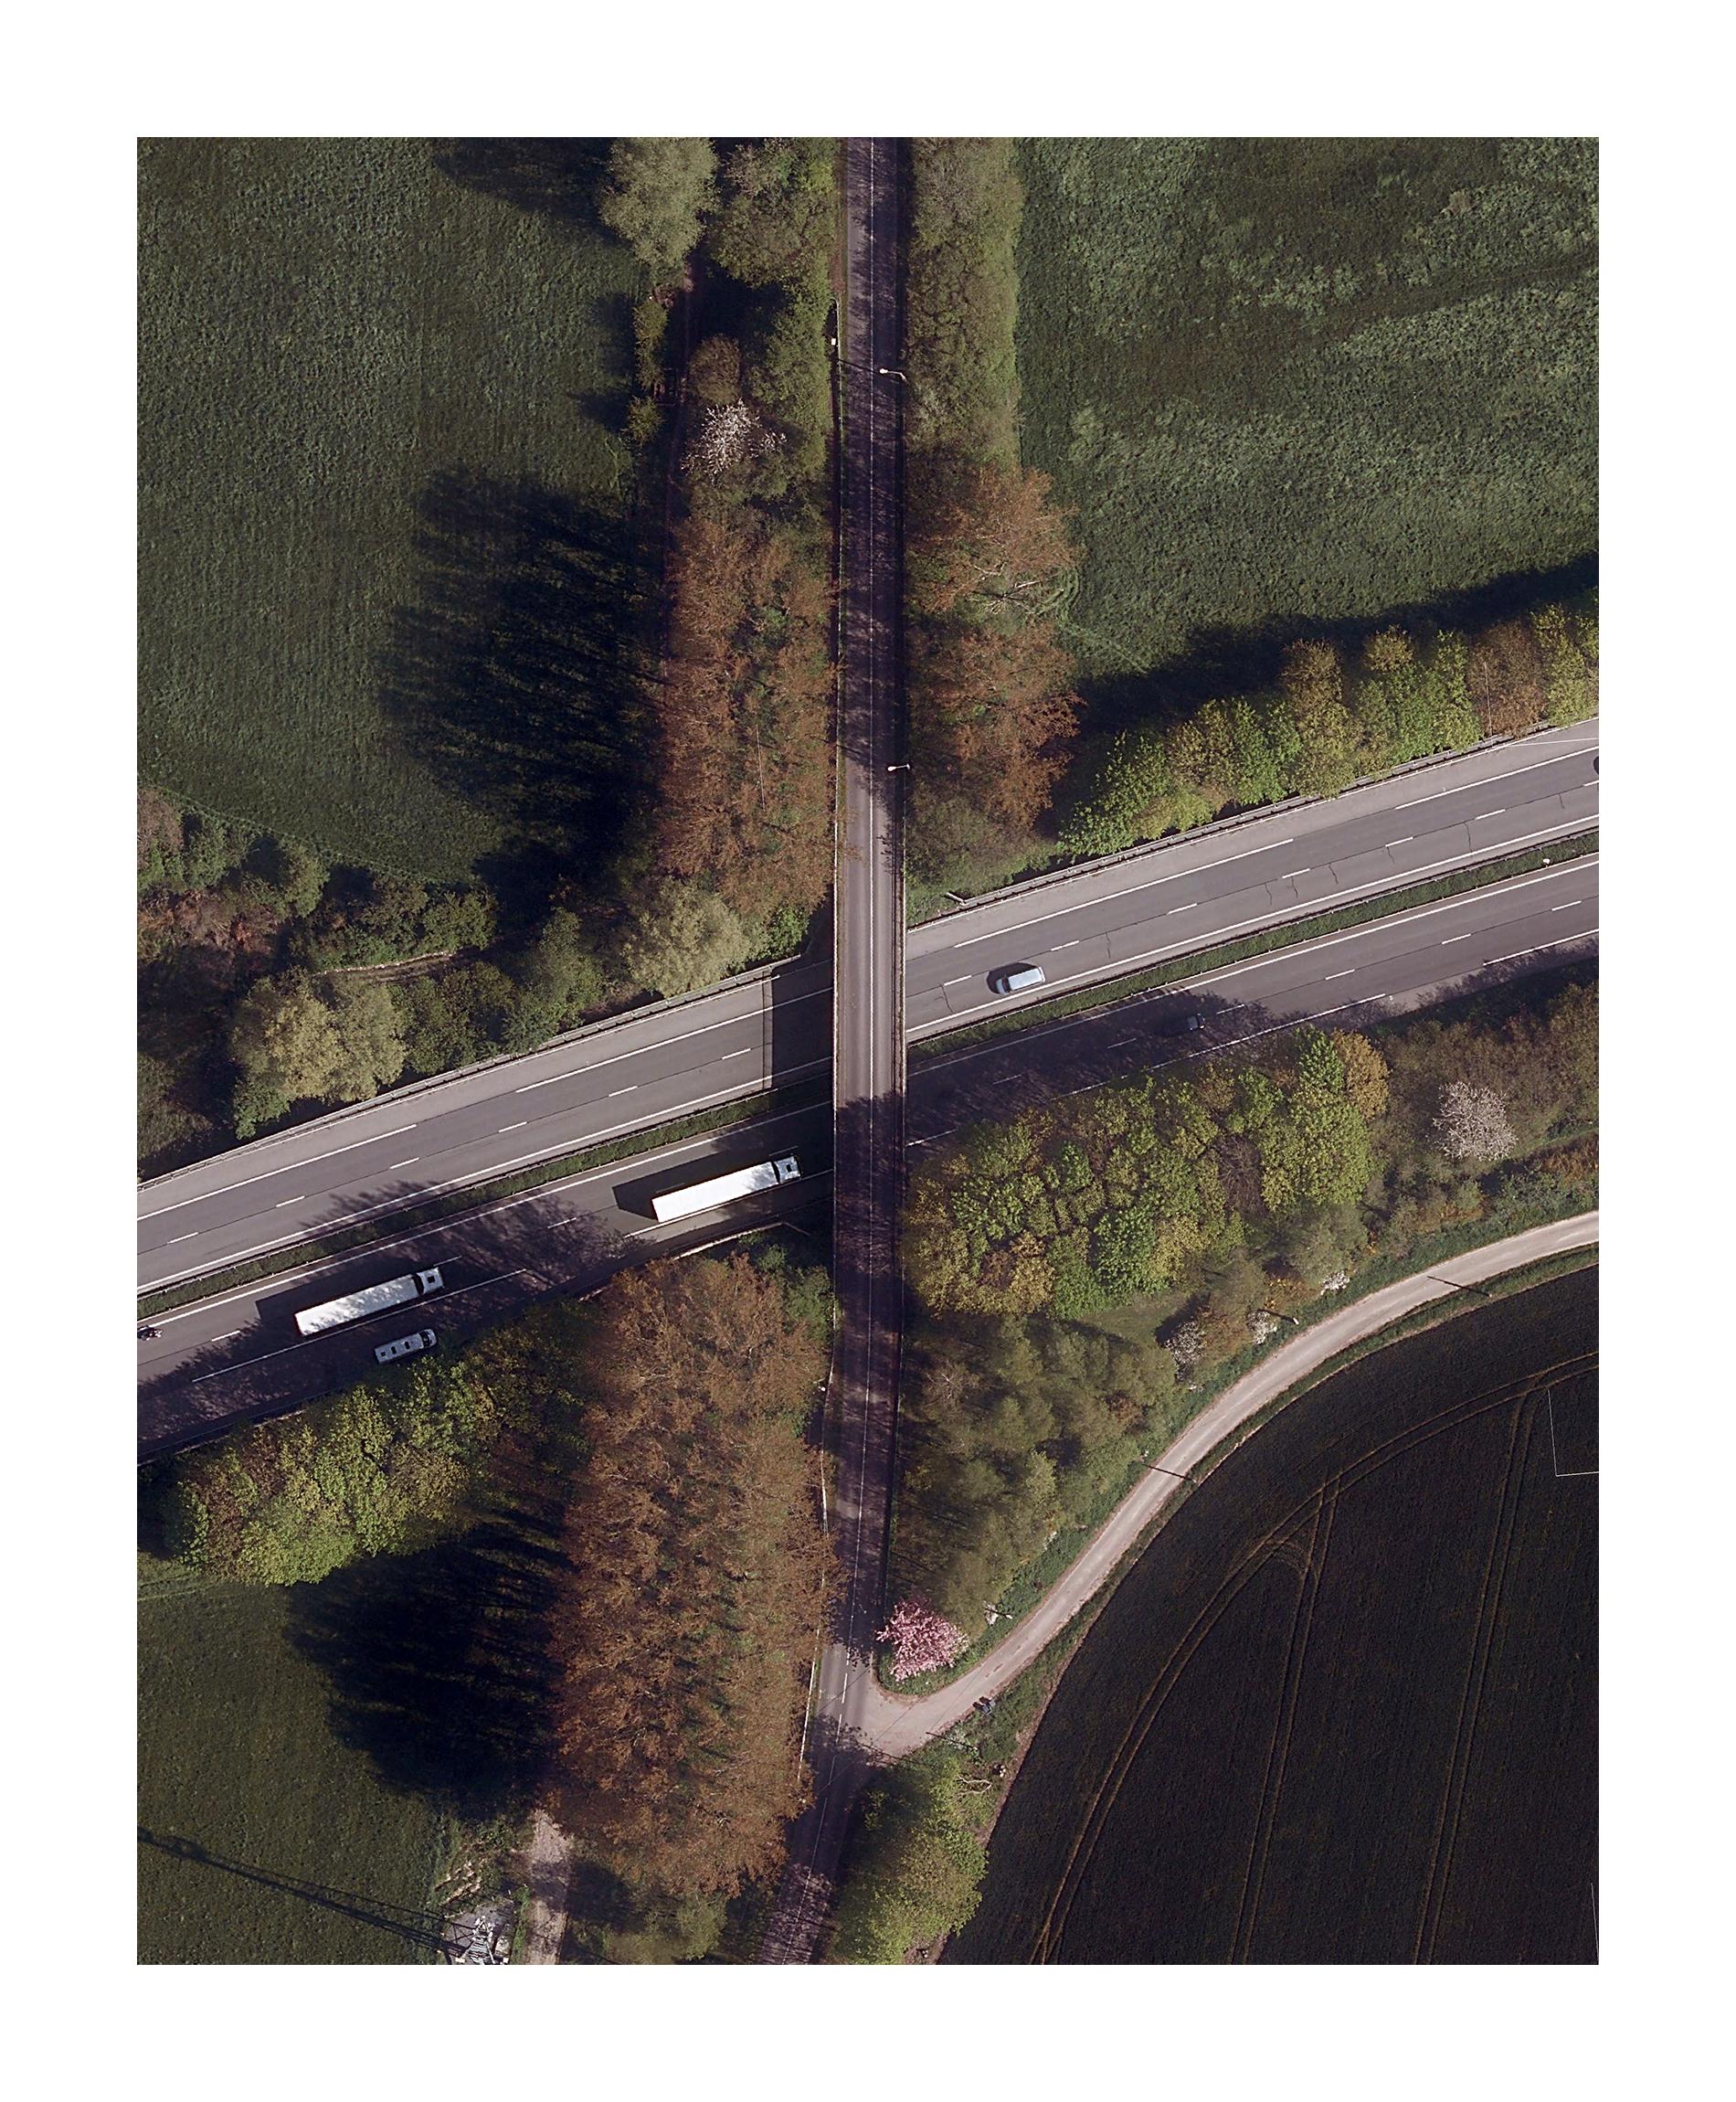 Highway Semiotics II